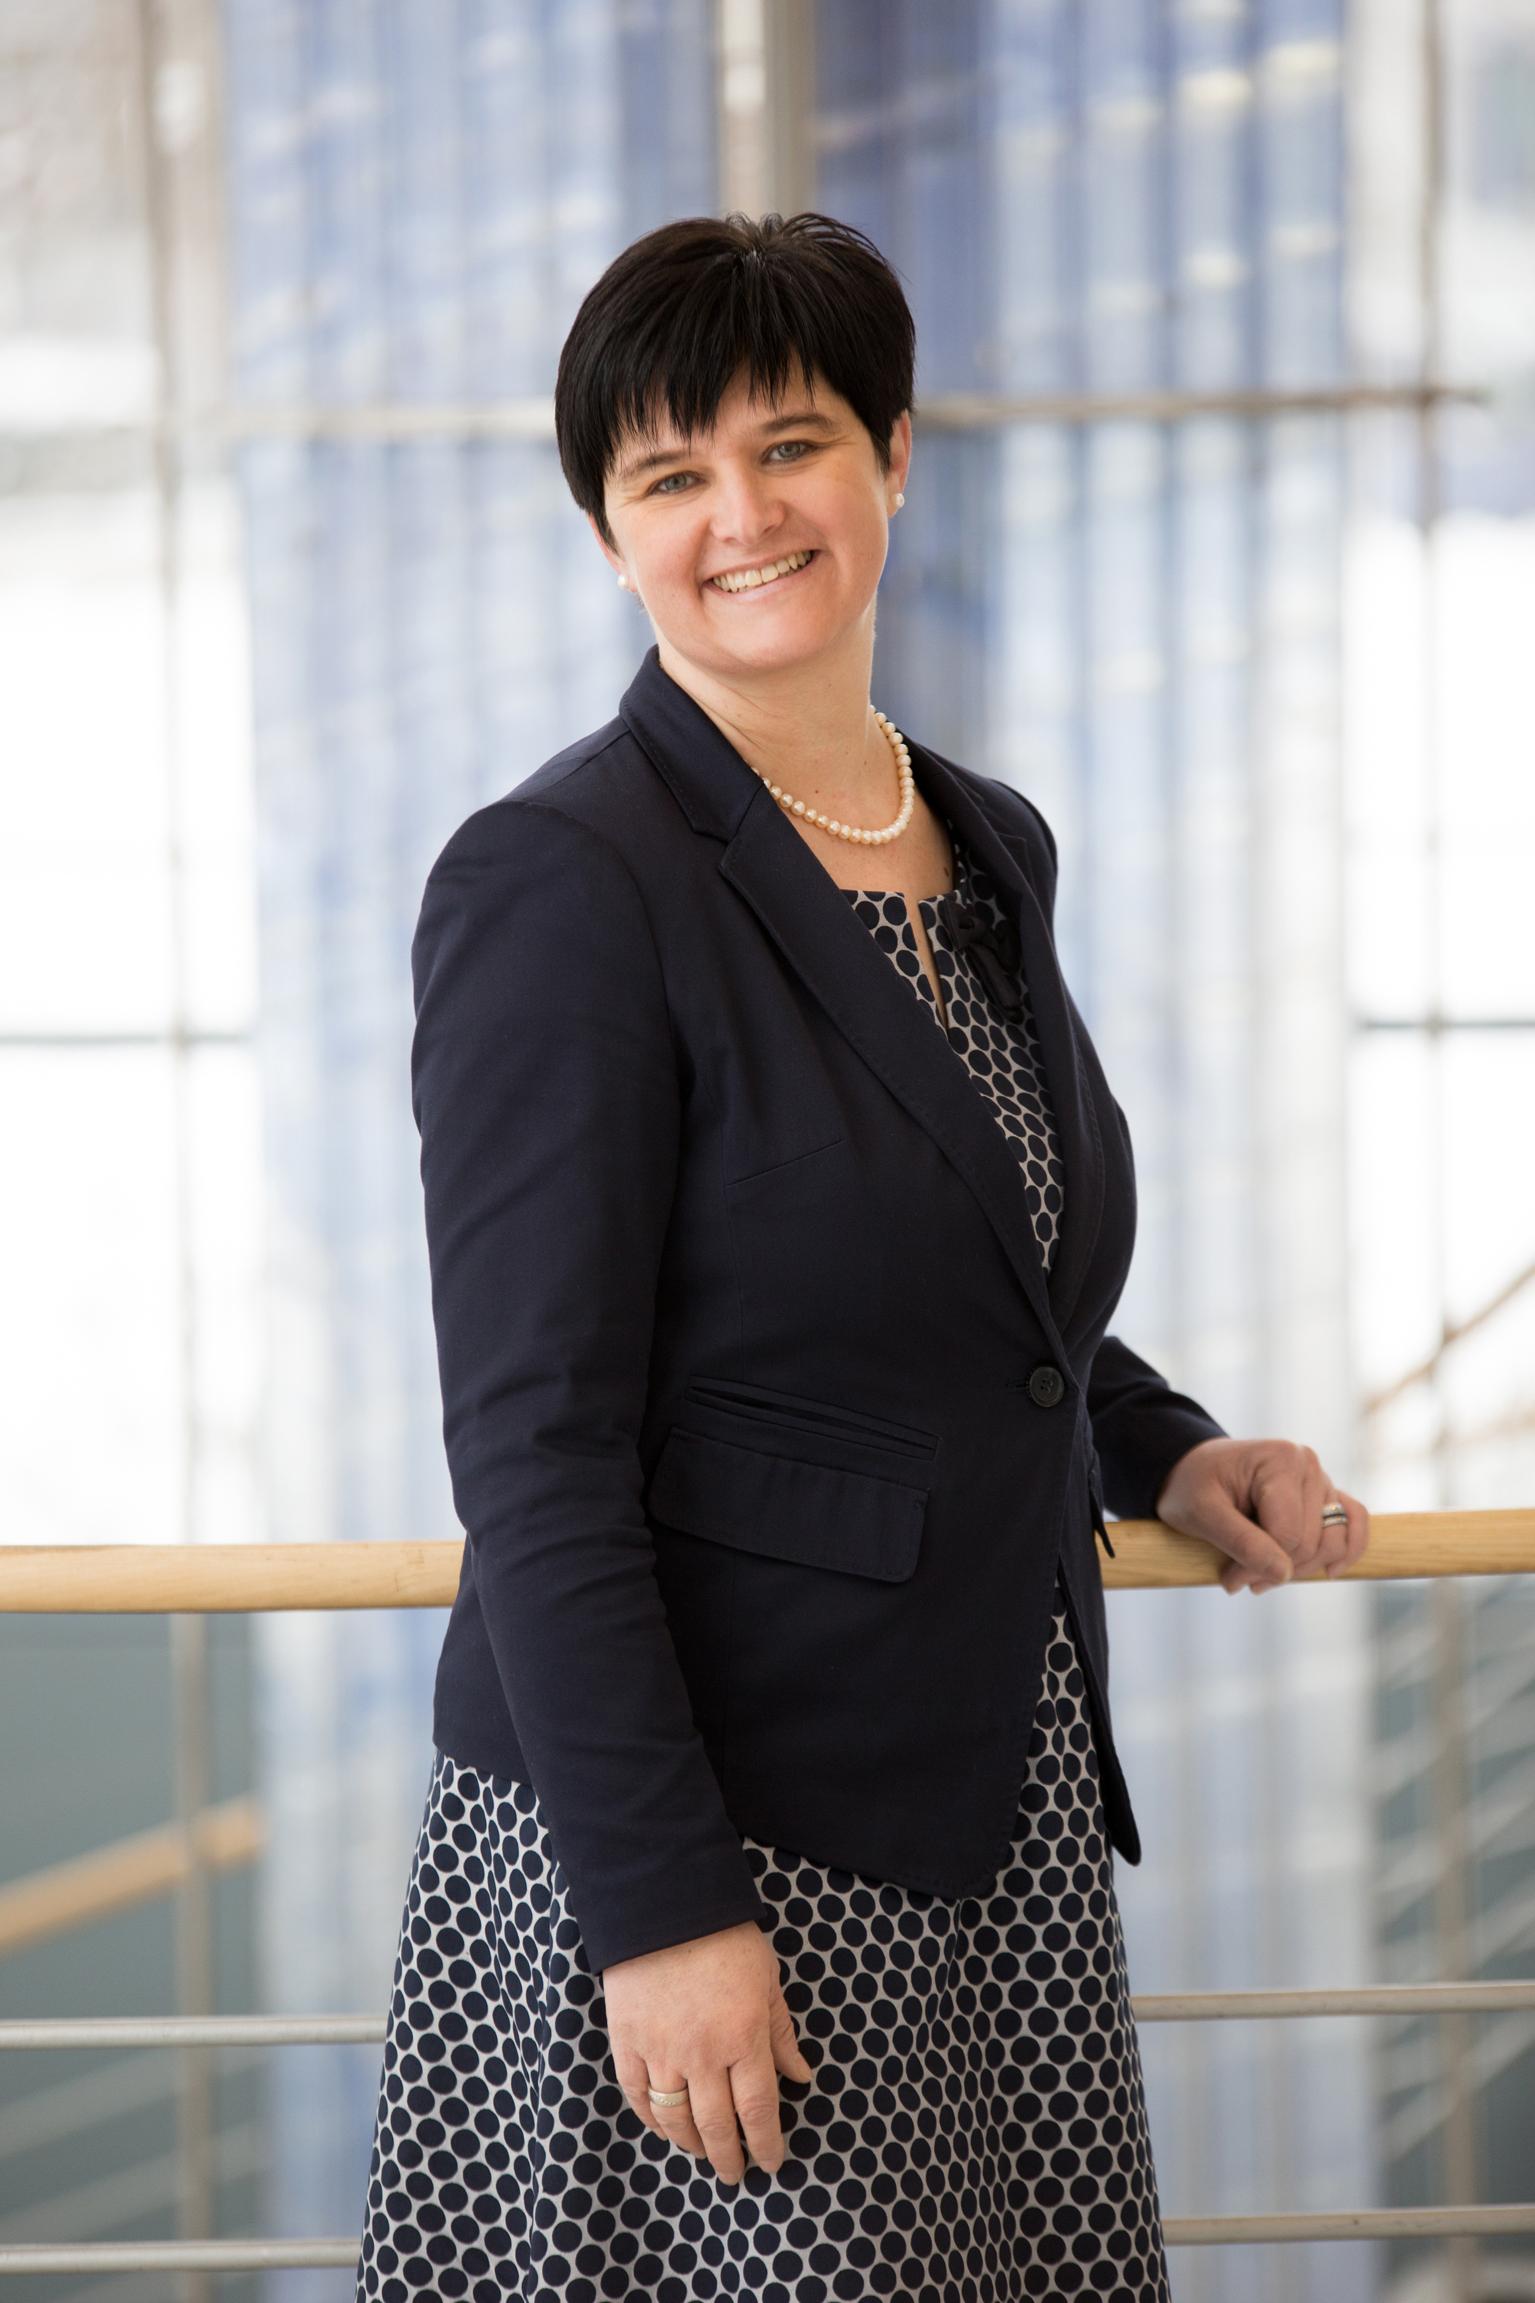 Sandra Ermer